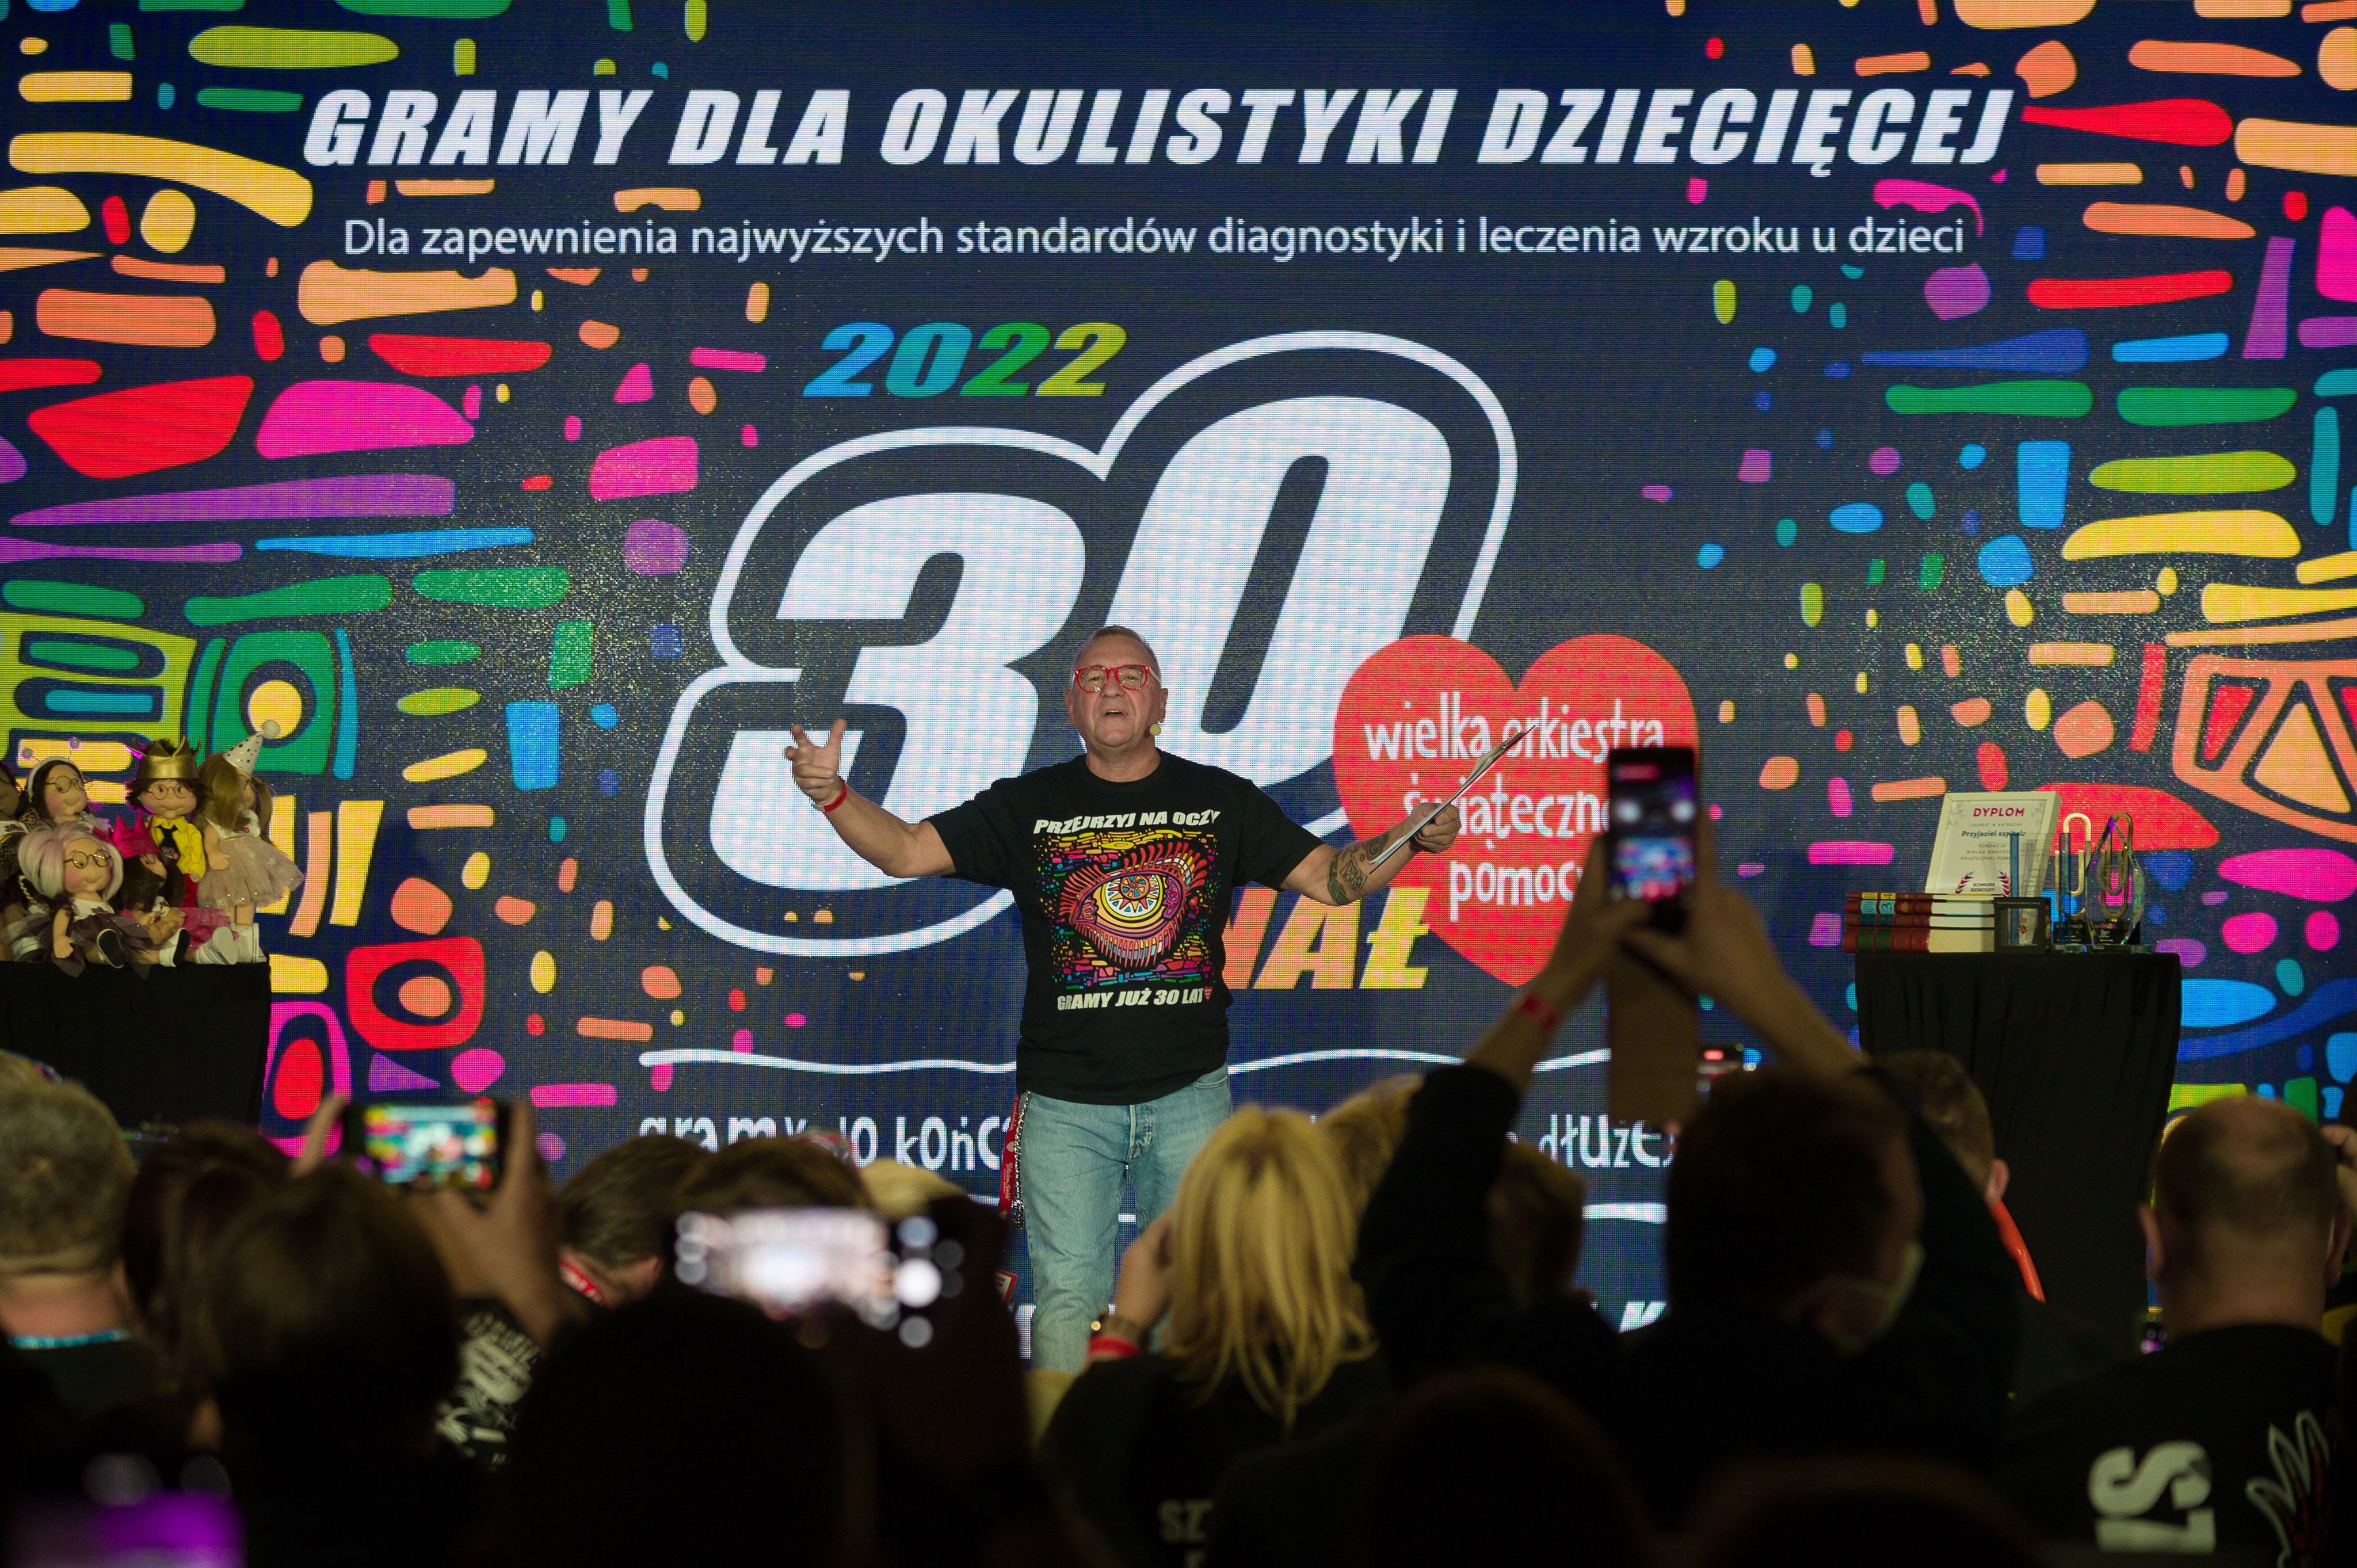 Jurek Owsiak ogłaszający temat 30. Finału podczas Zlotu Sztabów, fot. Grzegorz Adamek